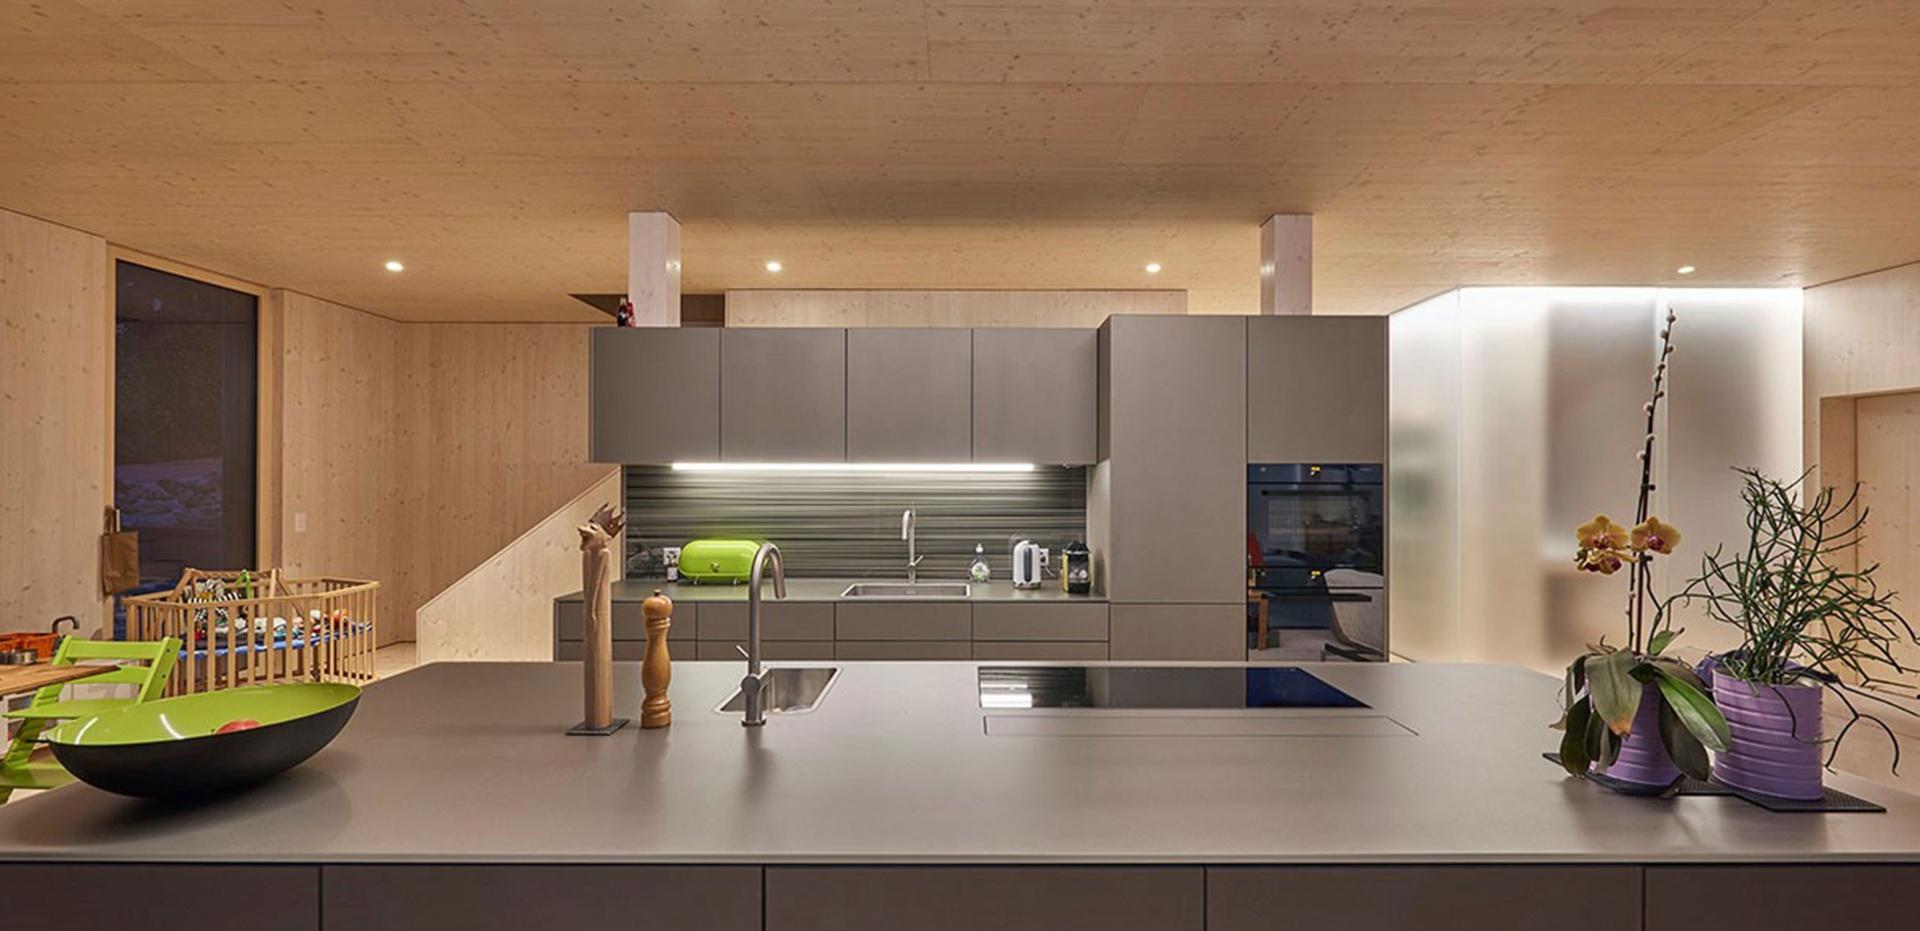 La cuisine, prèsque entièrement habillée de verre © Hector Egger Holzbau AG